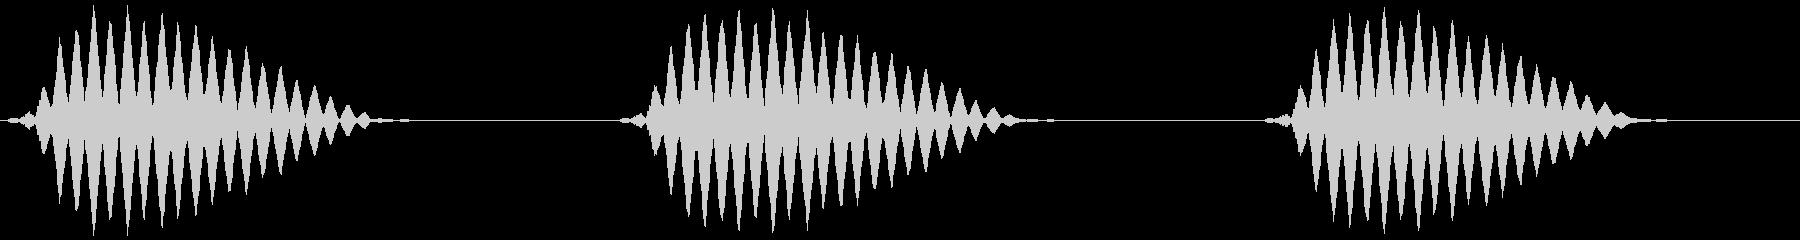 フクロウの鳴き声 フルォォ×3の未再生の波形